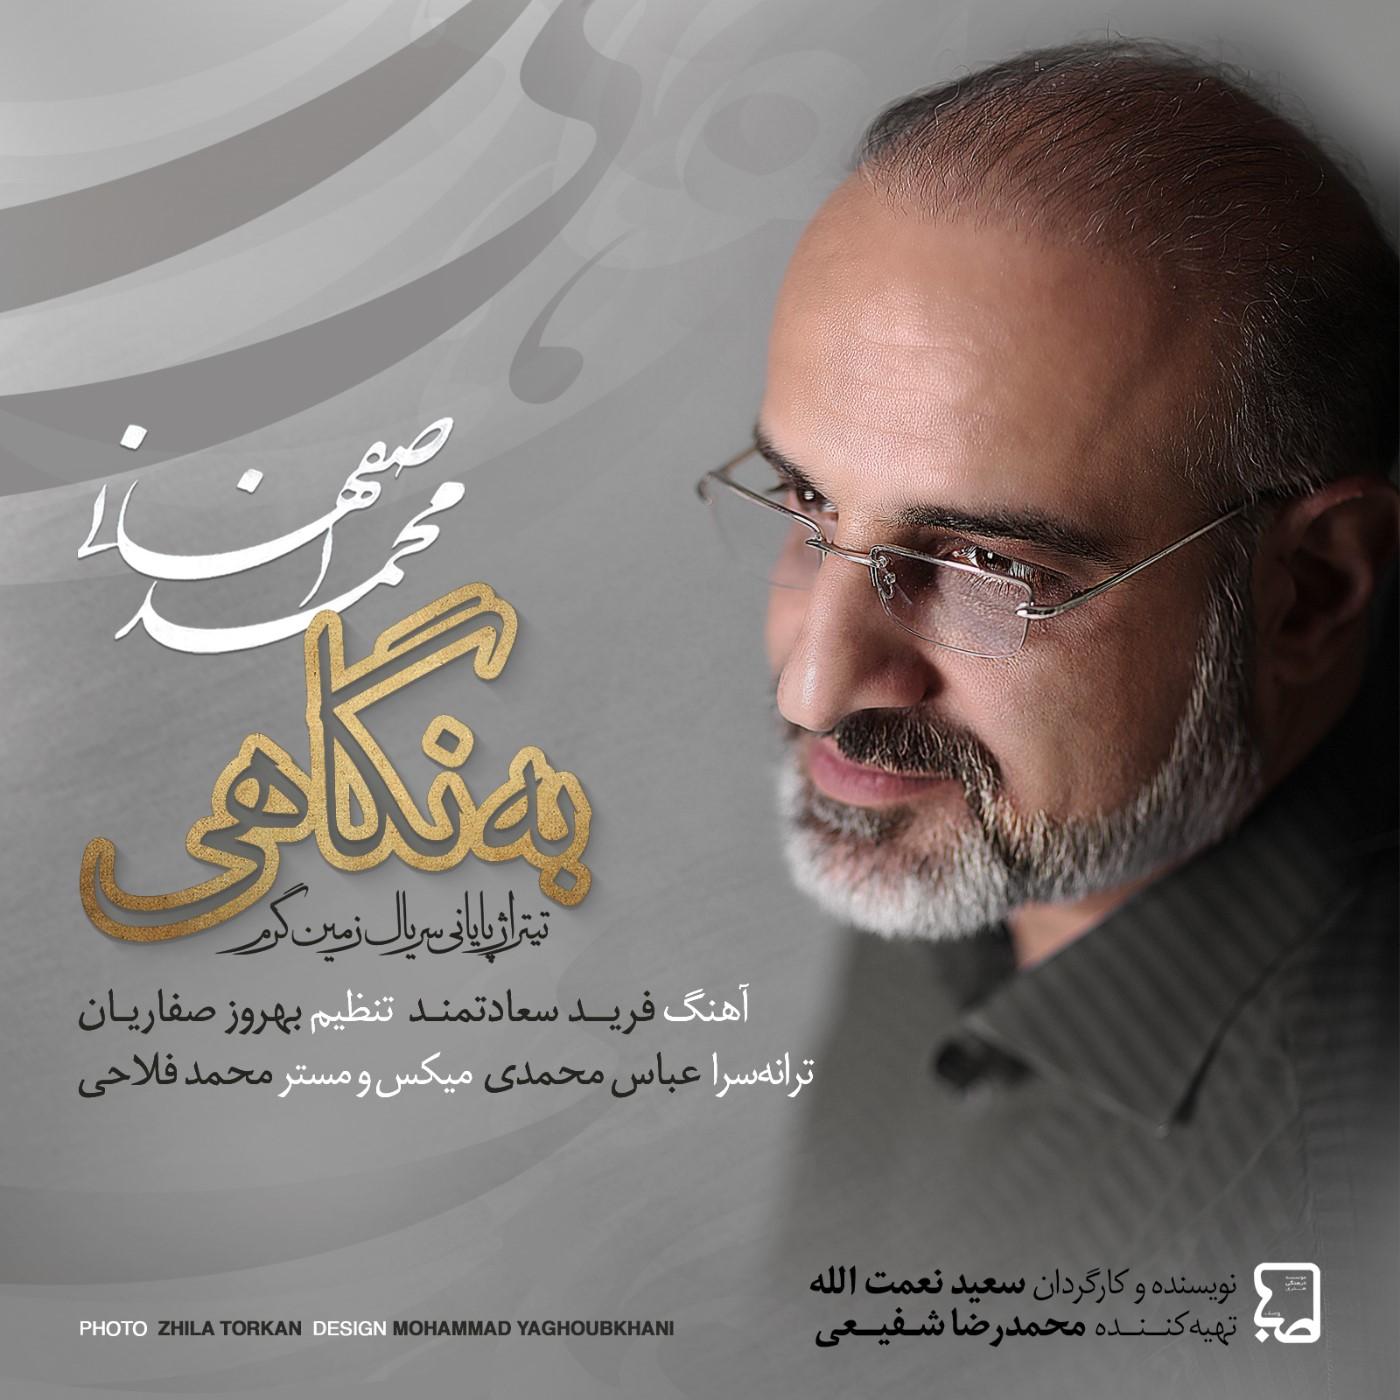 دانلود موزیک جدید به نگاهی از محمد اصفهانی